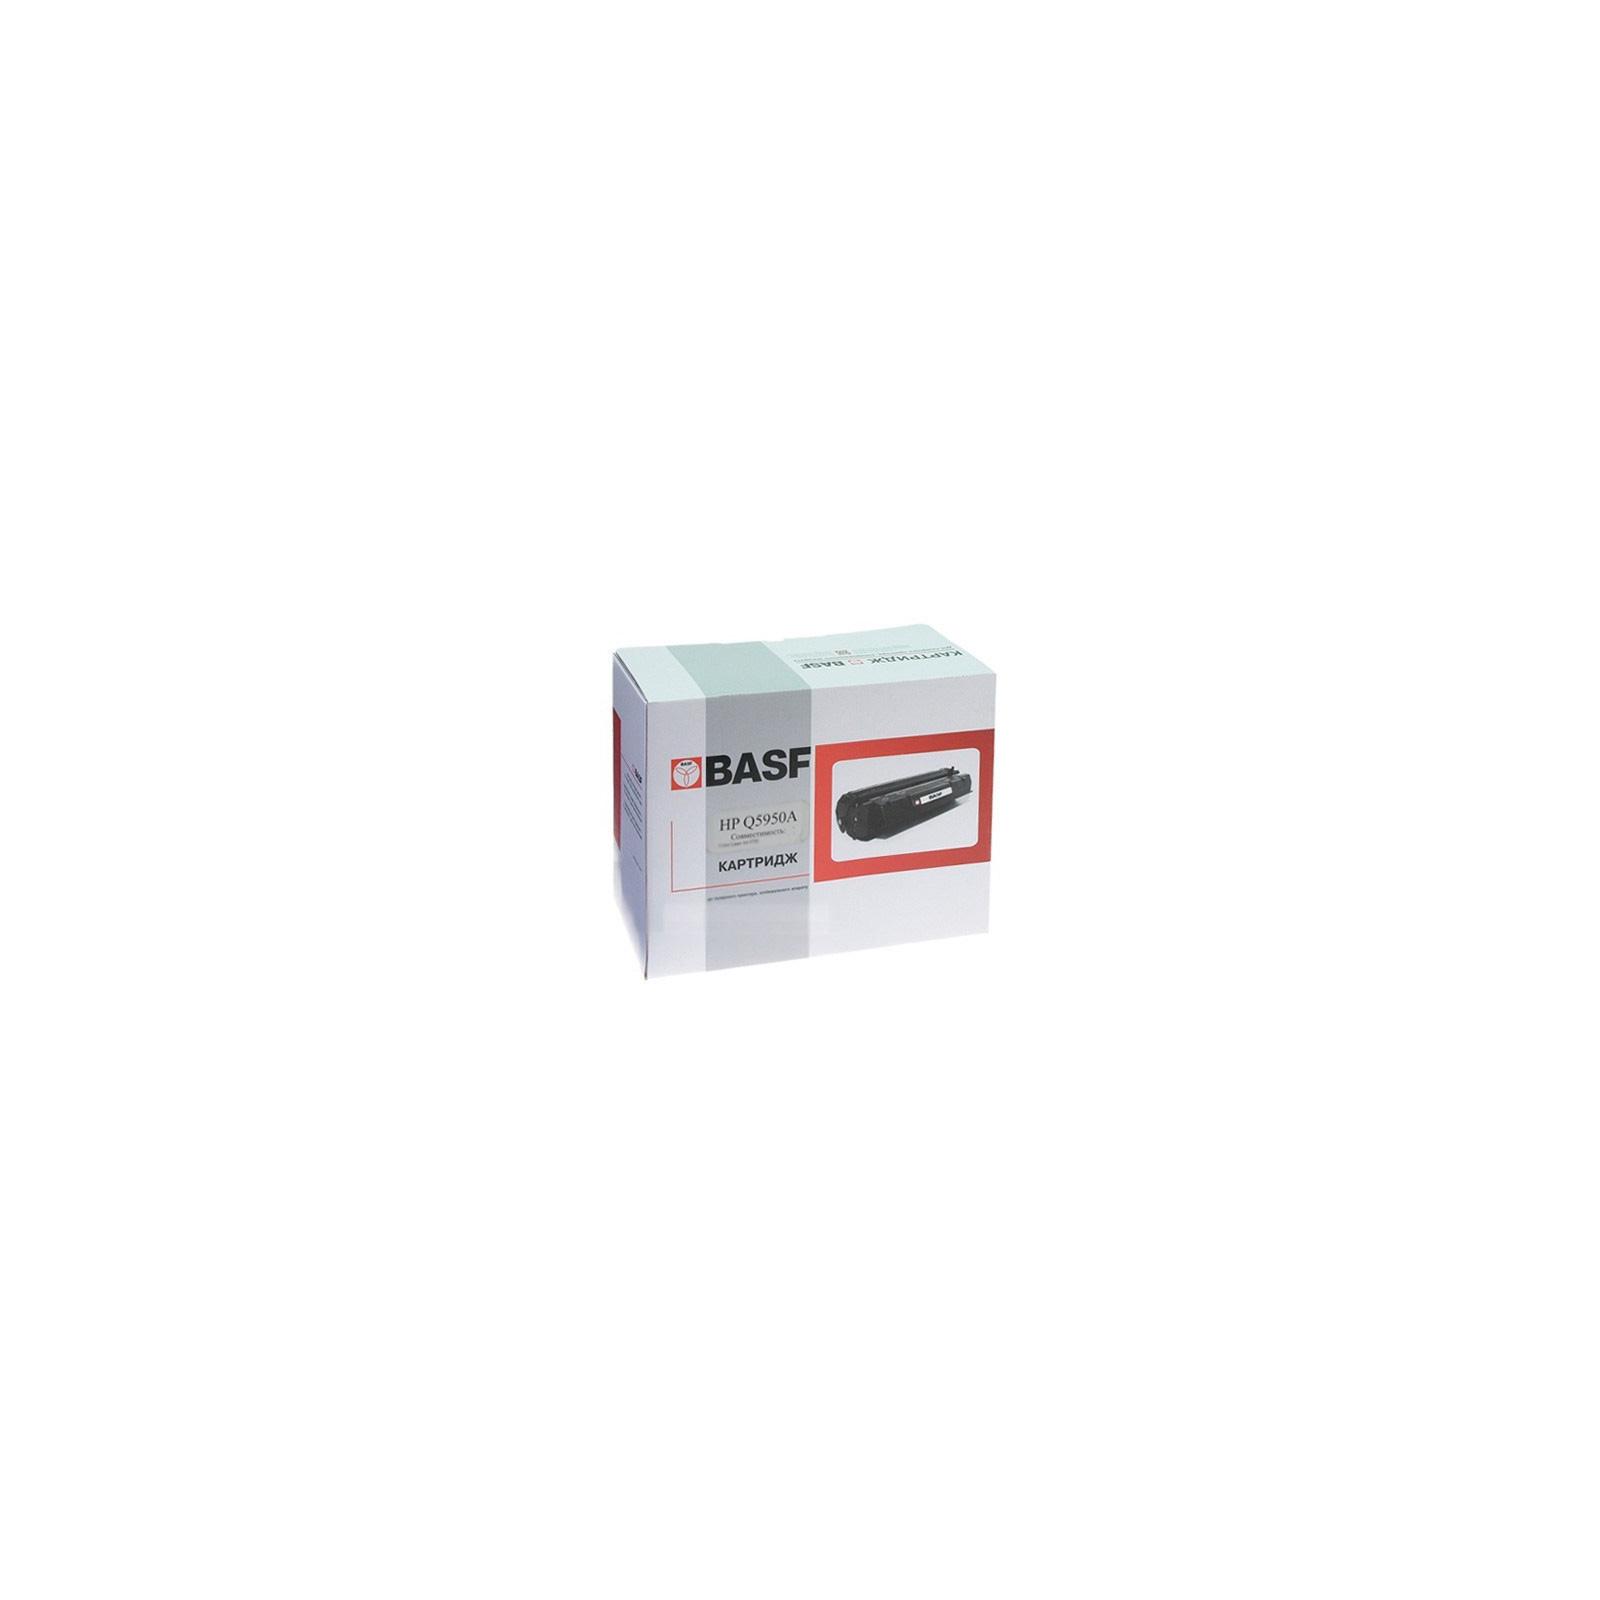 Картридж BASF для HP CLJ 4700 Black (BQ5950)